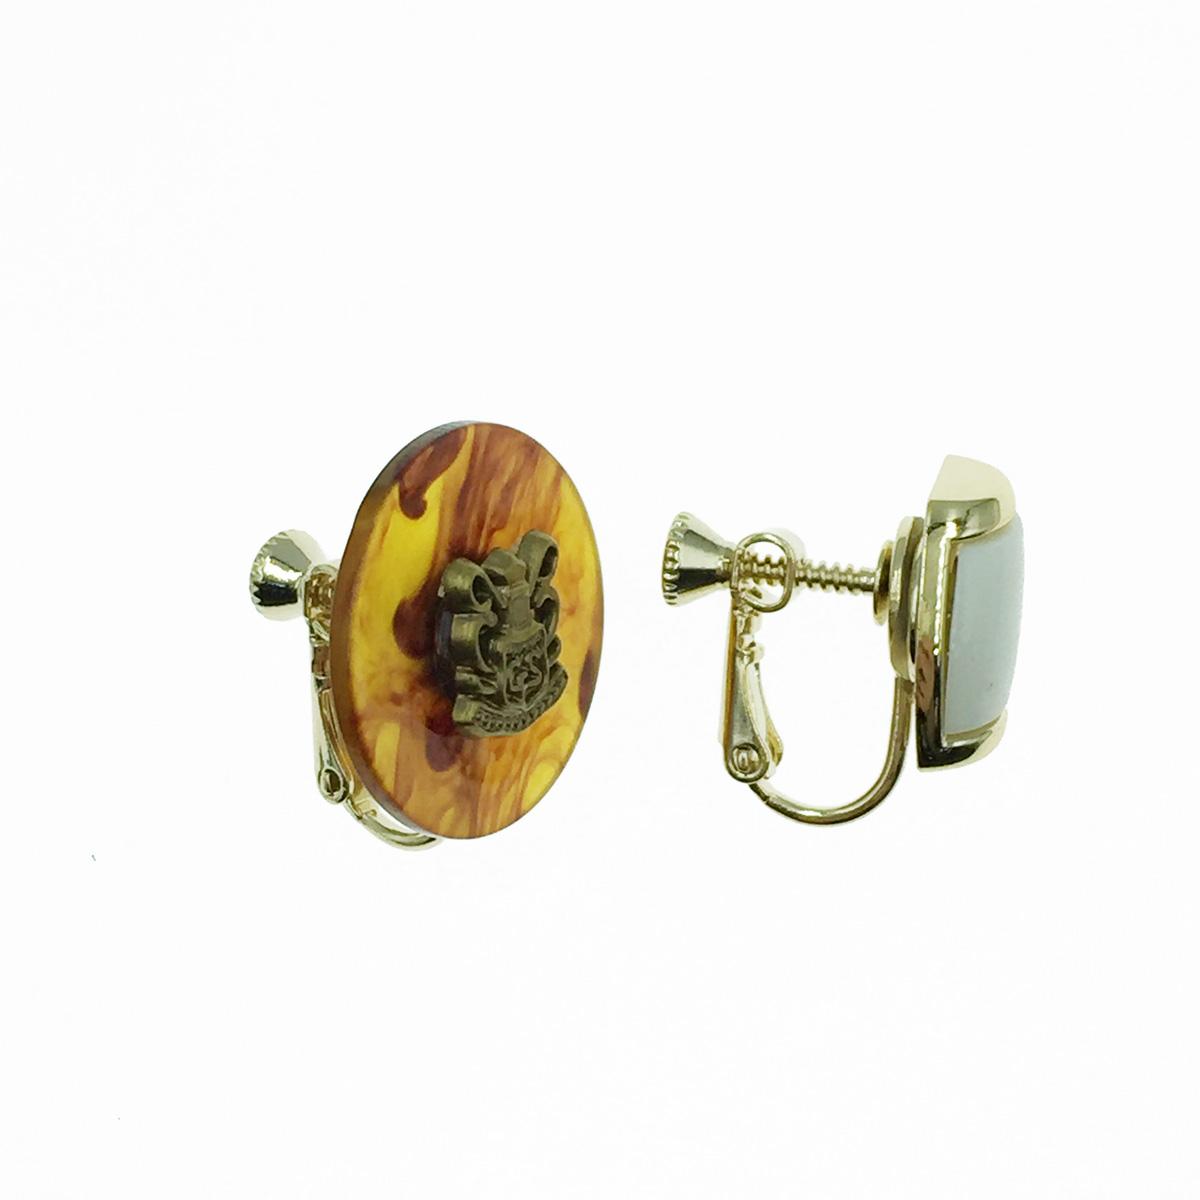 韓國 不對稱 復古風 夾式耳環